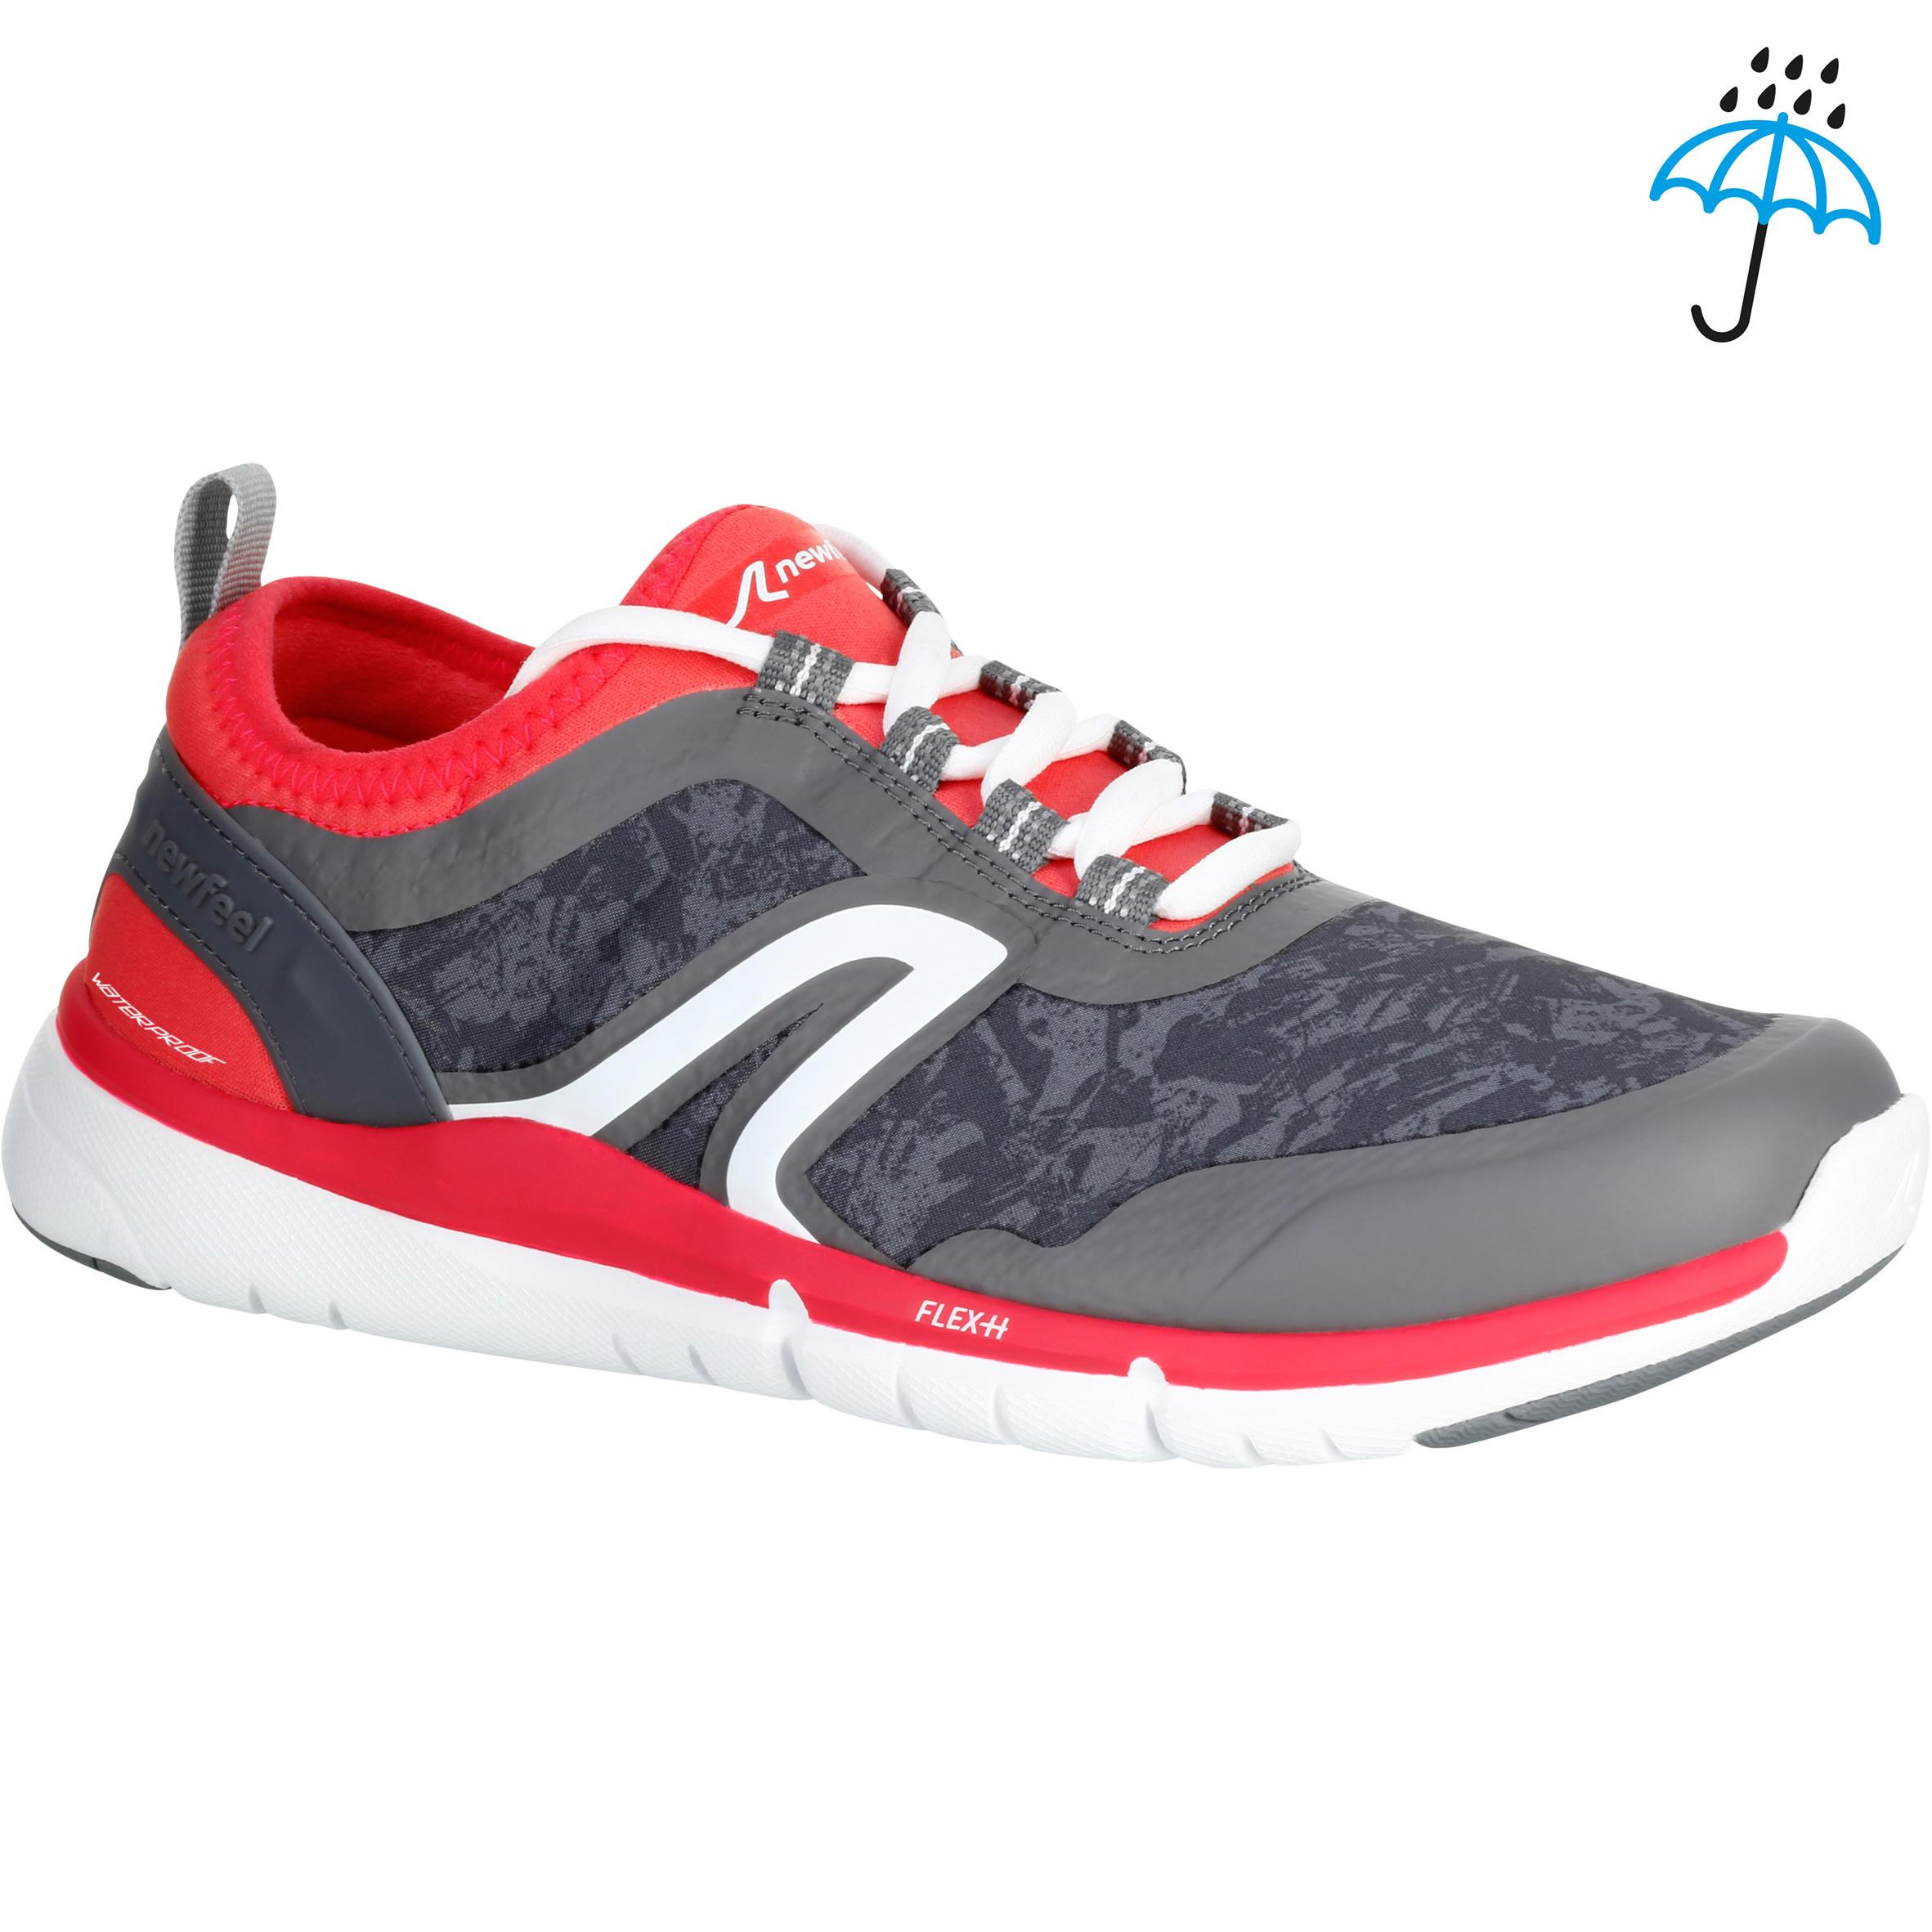 Newfeel Damessneakers voor sportief wandelen PW 580